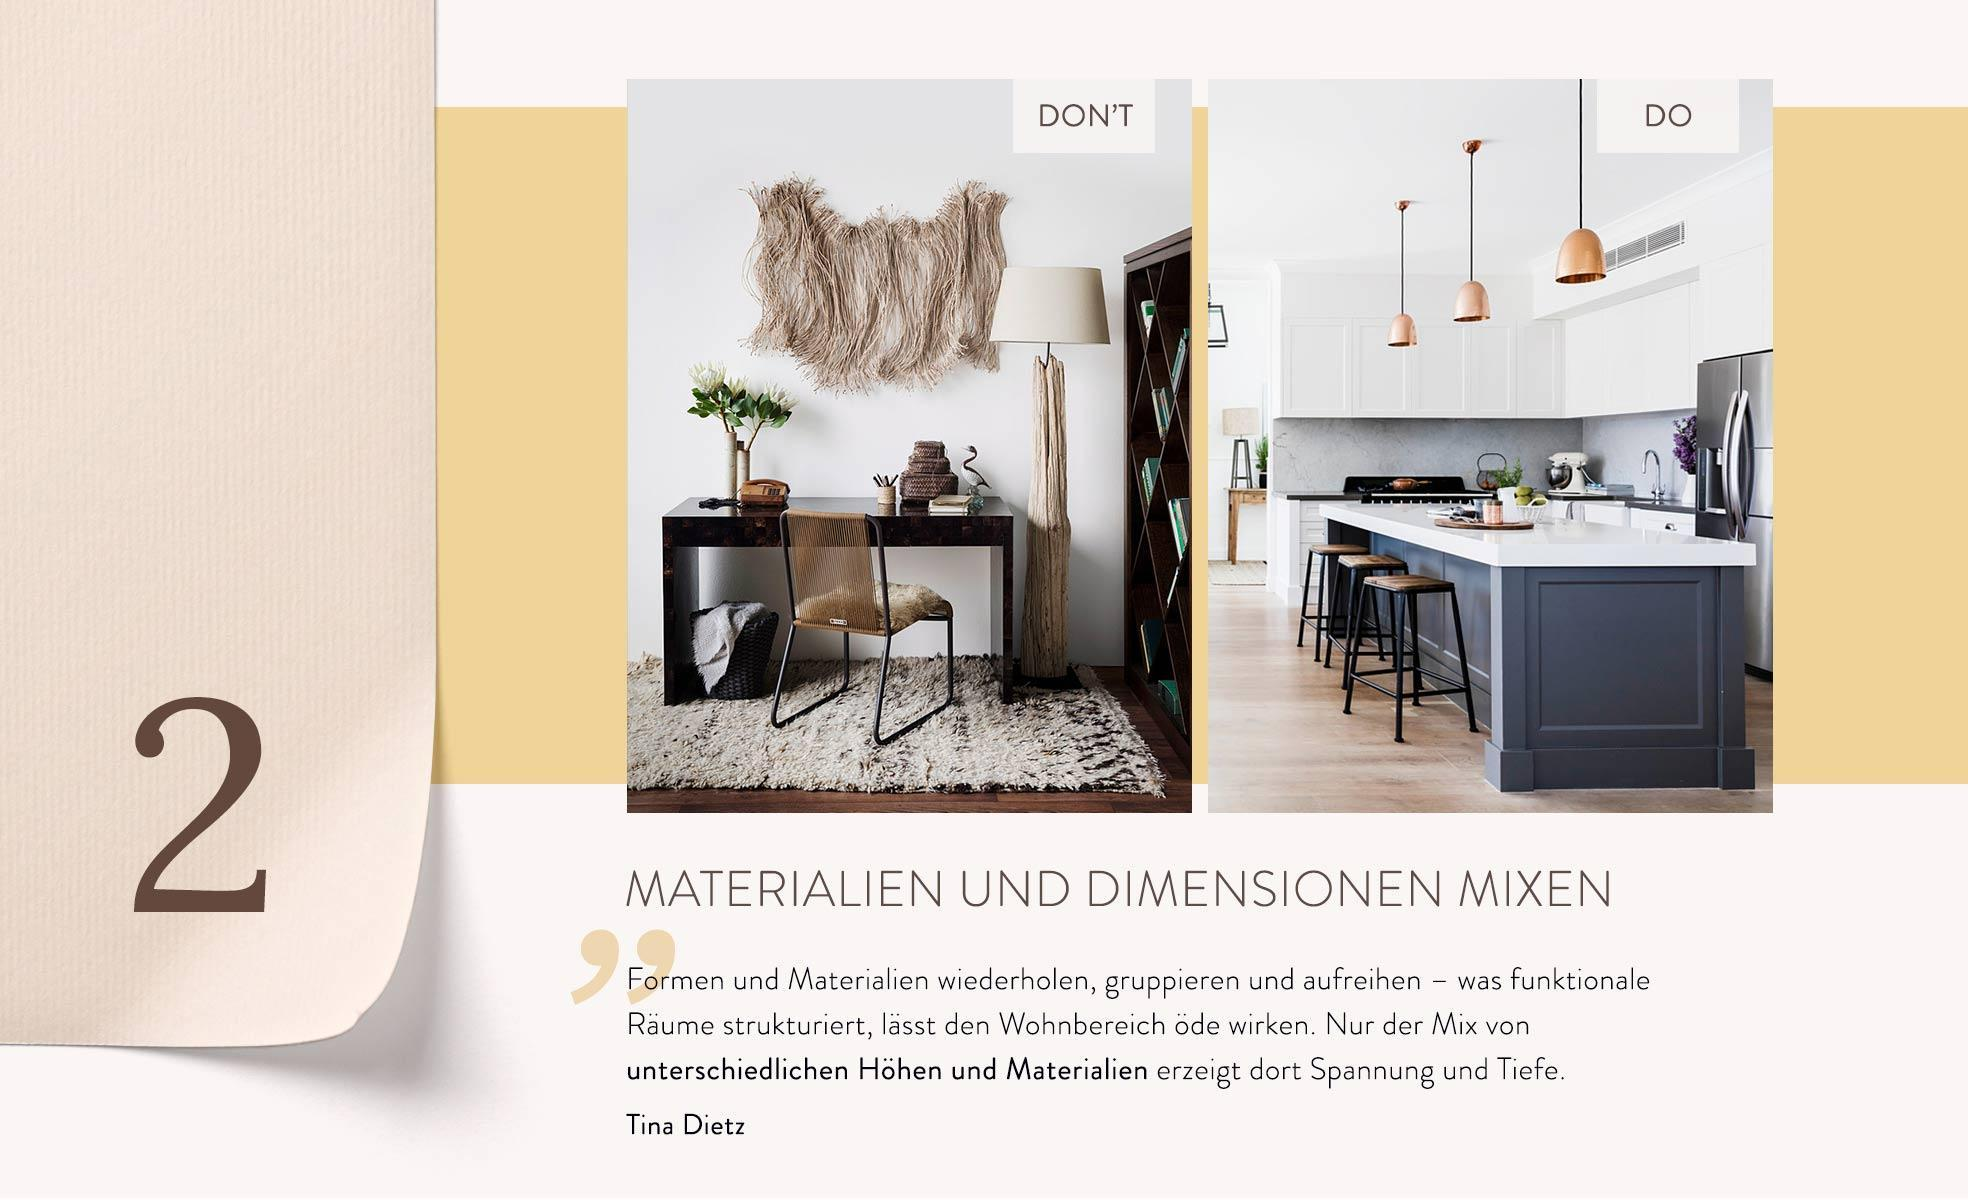 Wohnungseinrichtung Tipp 2 Mix aus Materialien und Dimensionen